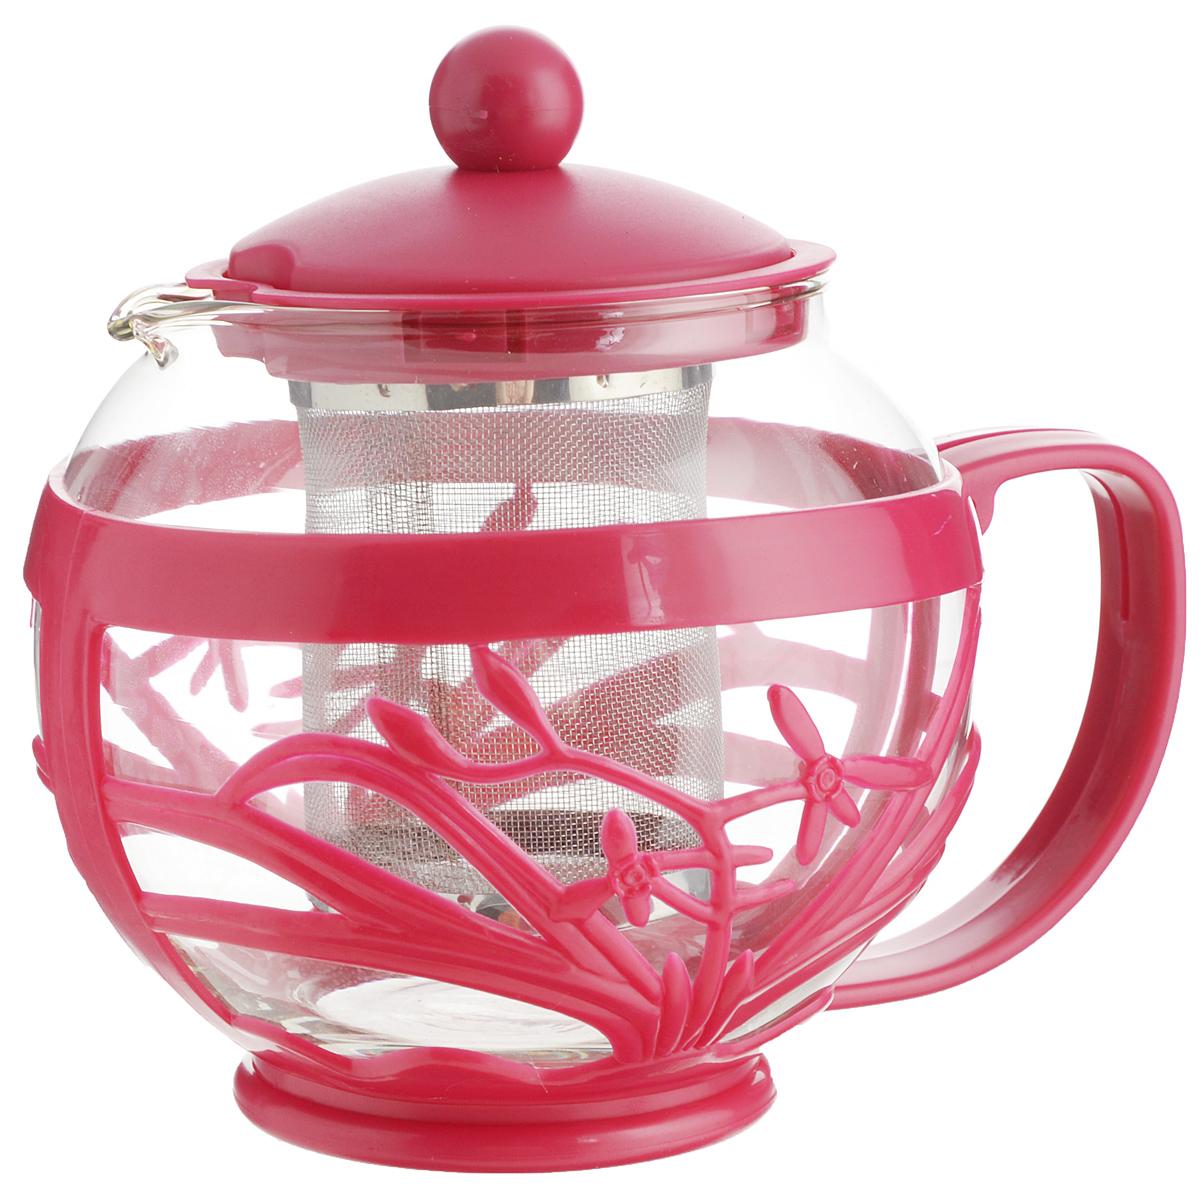 Чайник заварочный Menu Мелисса, с фильтром, цвет: прозрачный, малиновый, 750 млMLS-75_малиновыйЧайник Menu Мелисса изготовлен из прочного стекла и пластика. Он прекрасно подойдет для заваривания чая и травяных напитков. Классический стиль и оптимальный объем делают его удобным и оригинальным аксессуаром. Изделие имеет удлиненный металлический фильтр, который обеспечивает высокое качество фильтрации напитка и позволяет заварить чай даже при небольшом уровне воды. Ручка чайника не нагревается и обеспечивает безопасность использования. Нельзя мыть в посудомоечной машине. Диаметр чайника (по верхнему краю): 8 см.Высота чайника (без учета крышки): 11 см.Размер фильтра: 6 х 6 х 7,2 см.